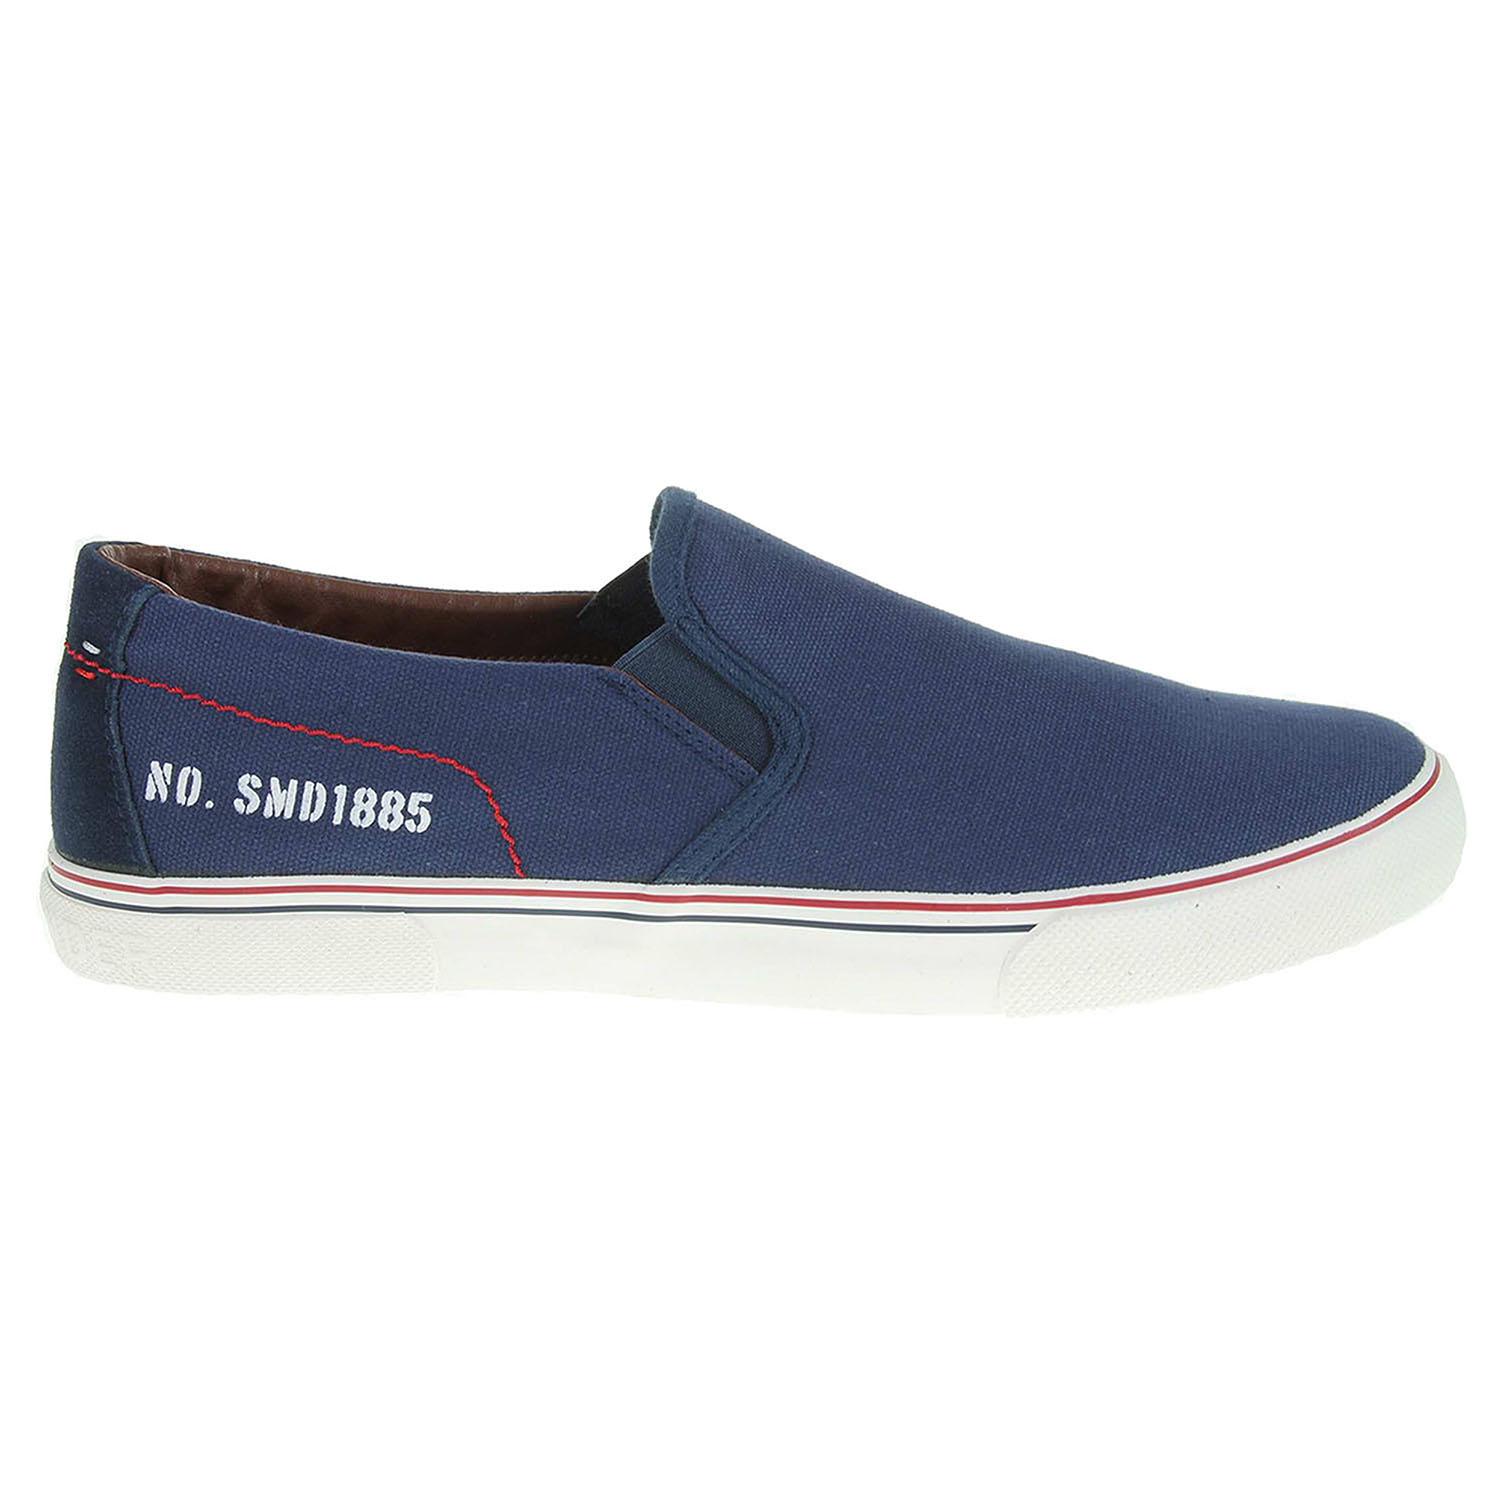 Salamander pánská obuv 60303-32 modrá 46